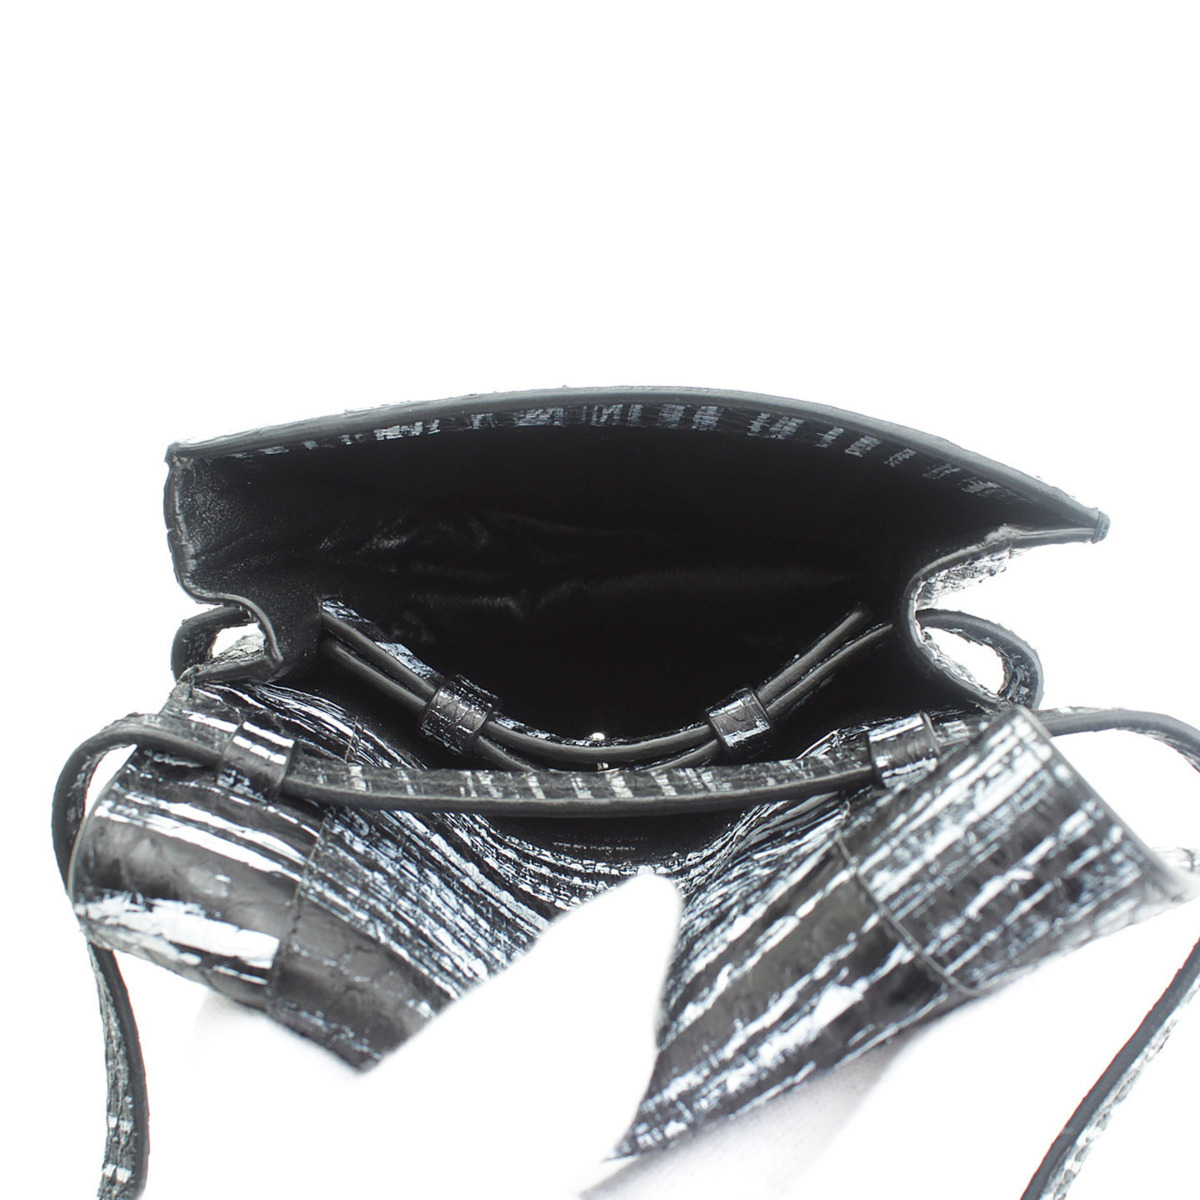 ジルサンダー Jil Sander パイソン ショルダーバッグ ブラック×ホワイト鑑定済・正規品保証送料無料 269bgIyvf76mY